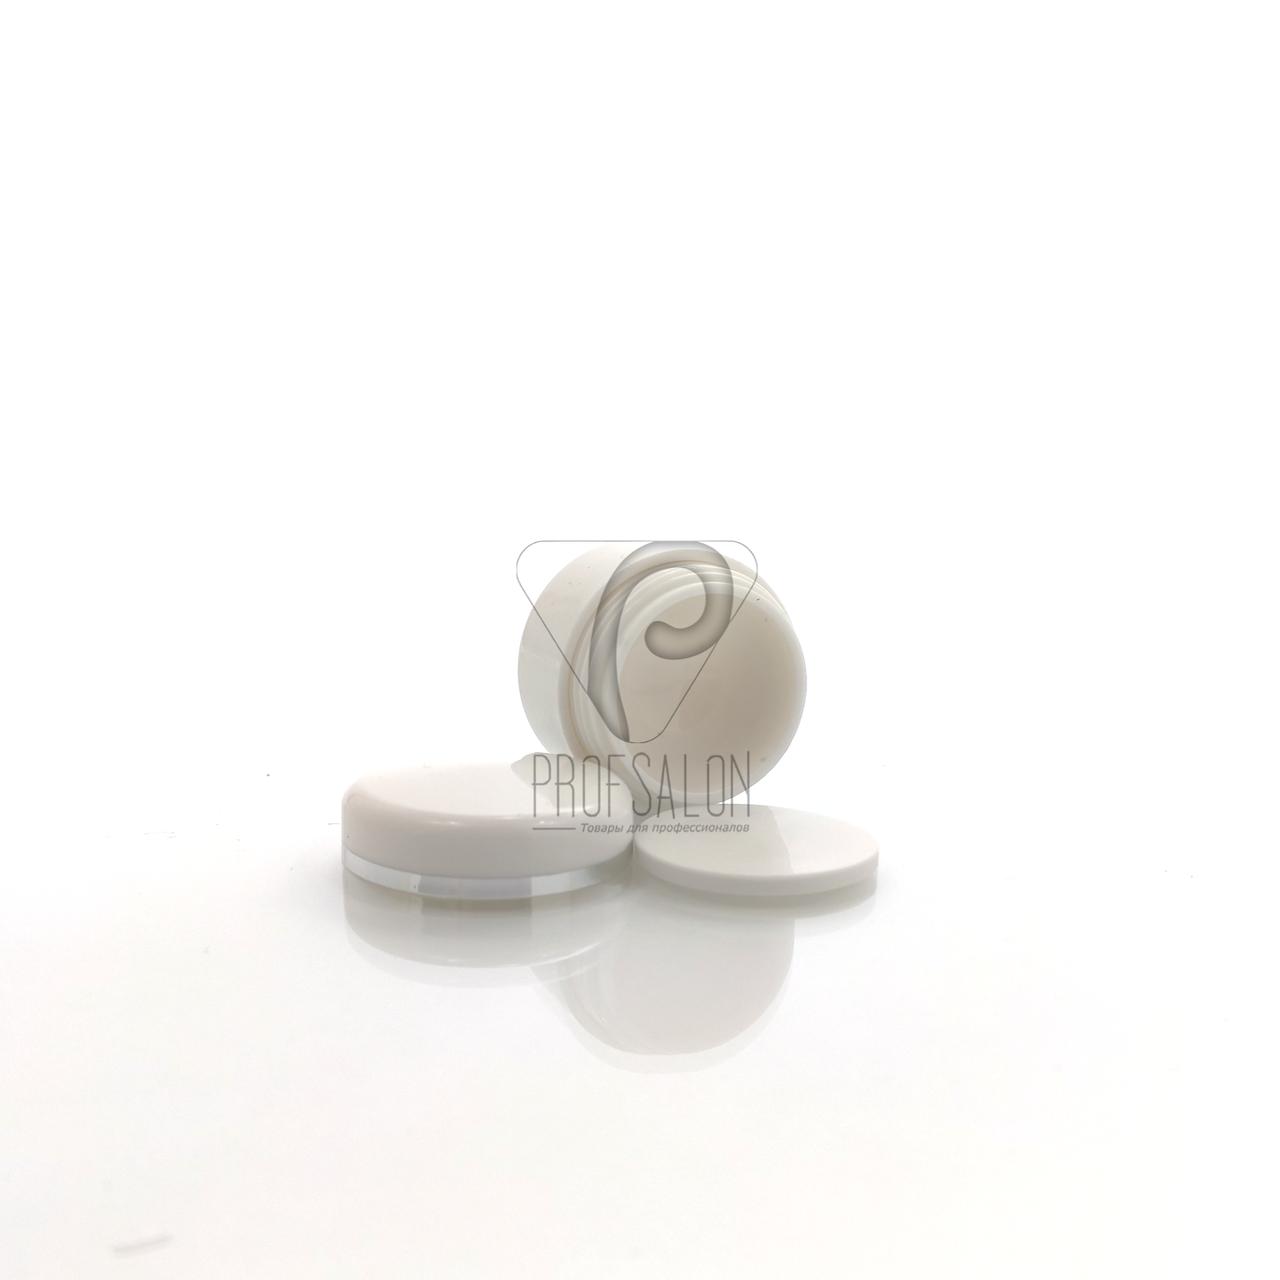 Баночки косметические с мембранной в пачке (7 шт/уп) Объем: 5 гр., цвет: белый